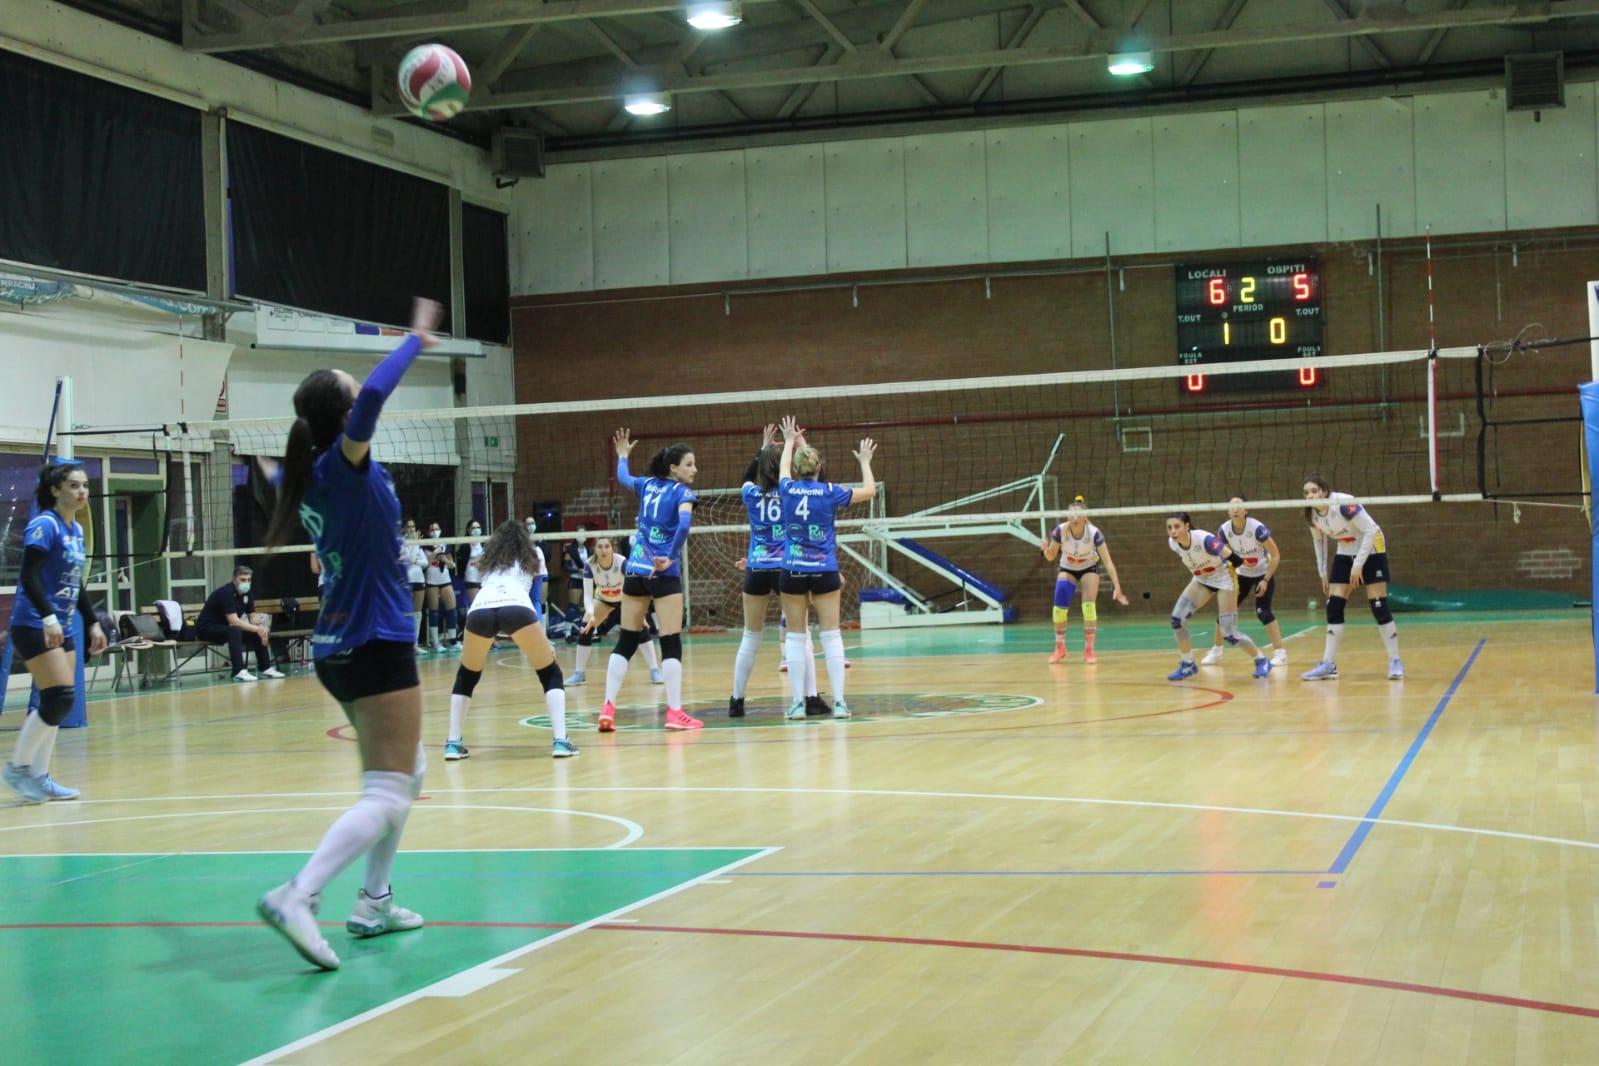 serie-c-la-volley-terracina-guarda-ai-play-off-dopo-il-derby